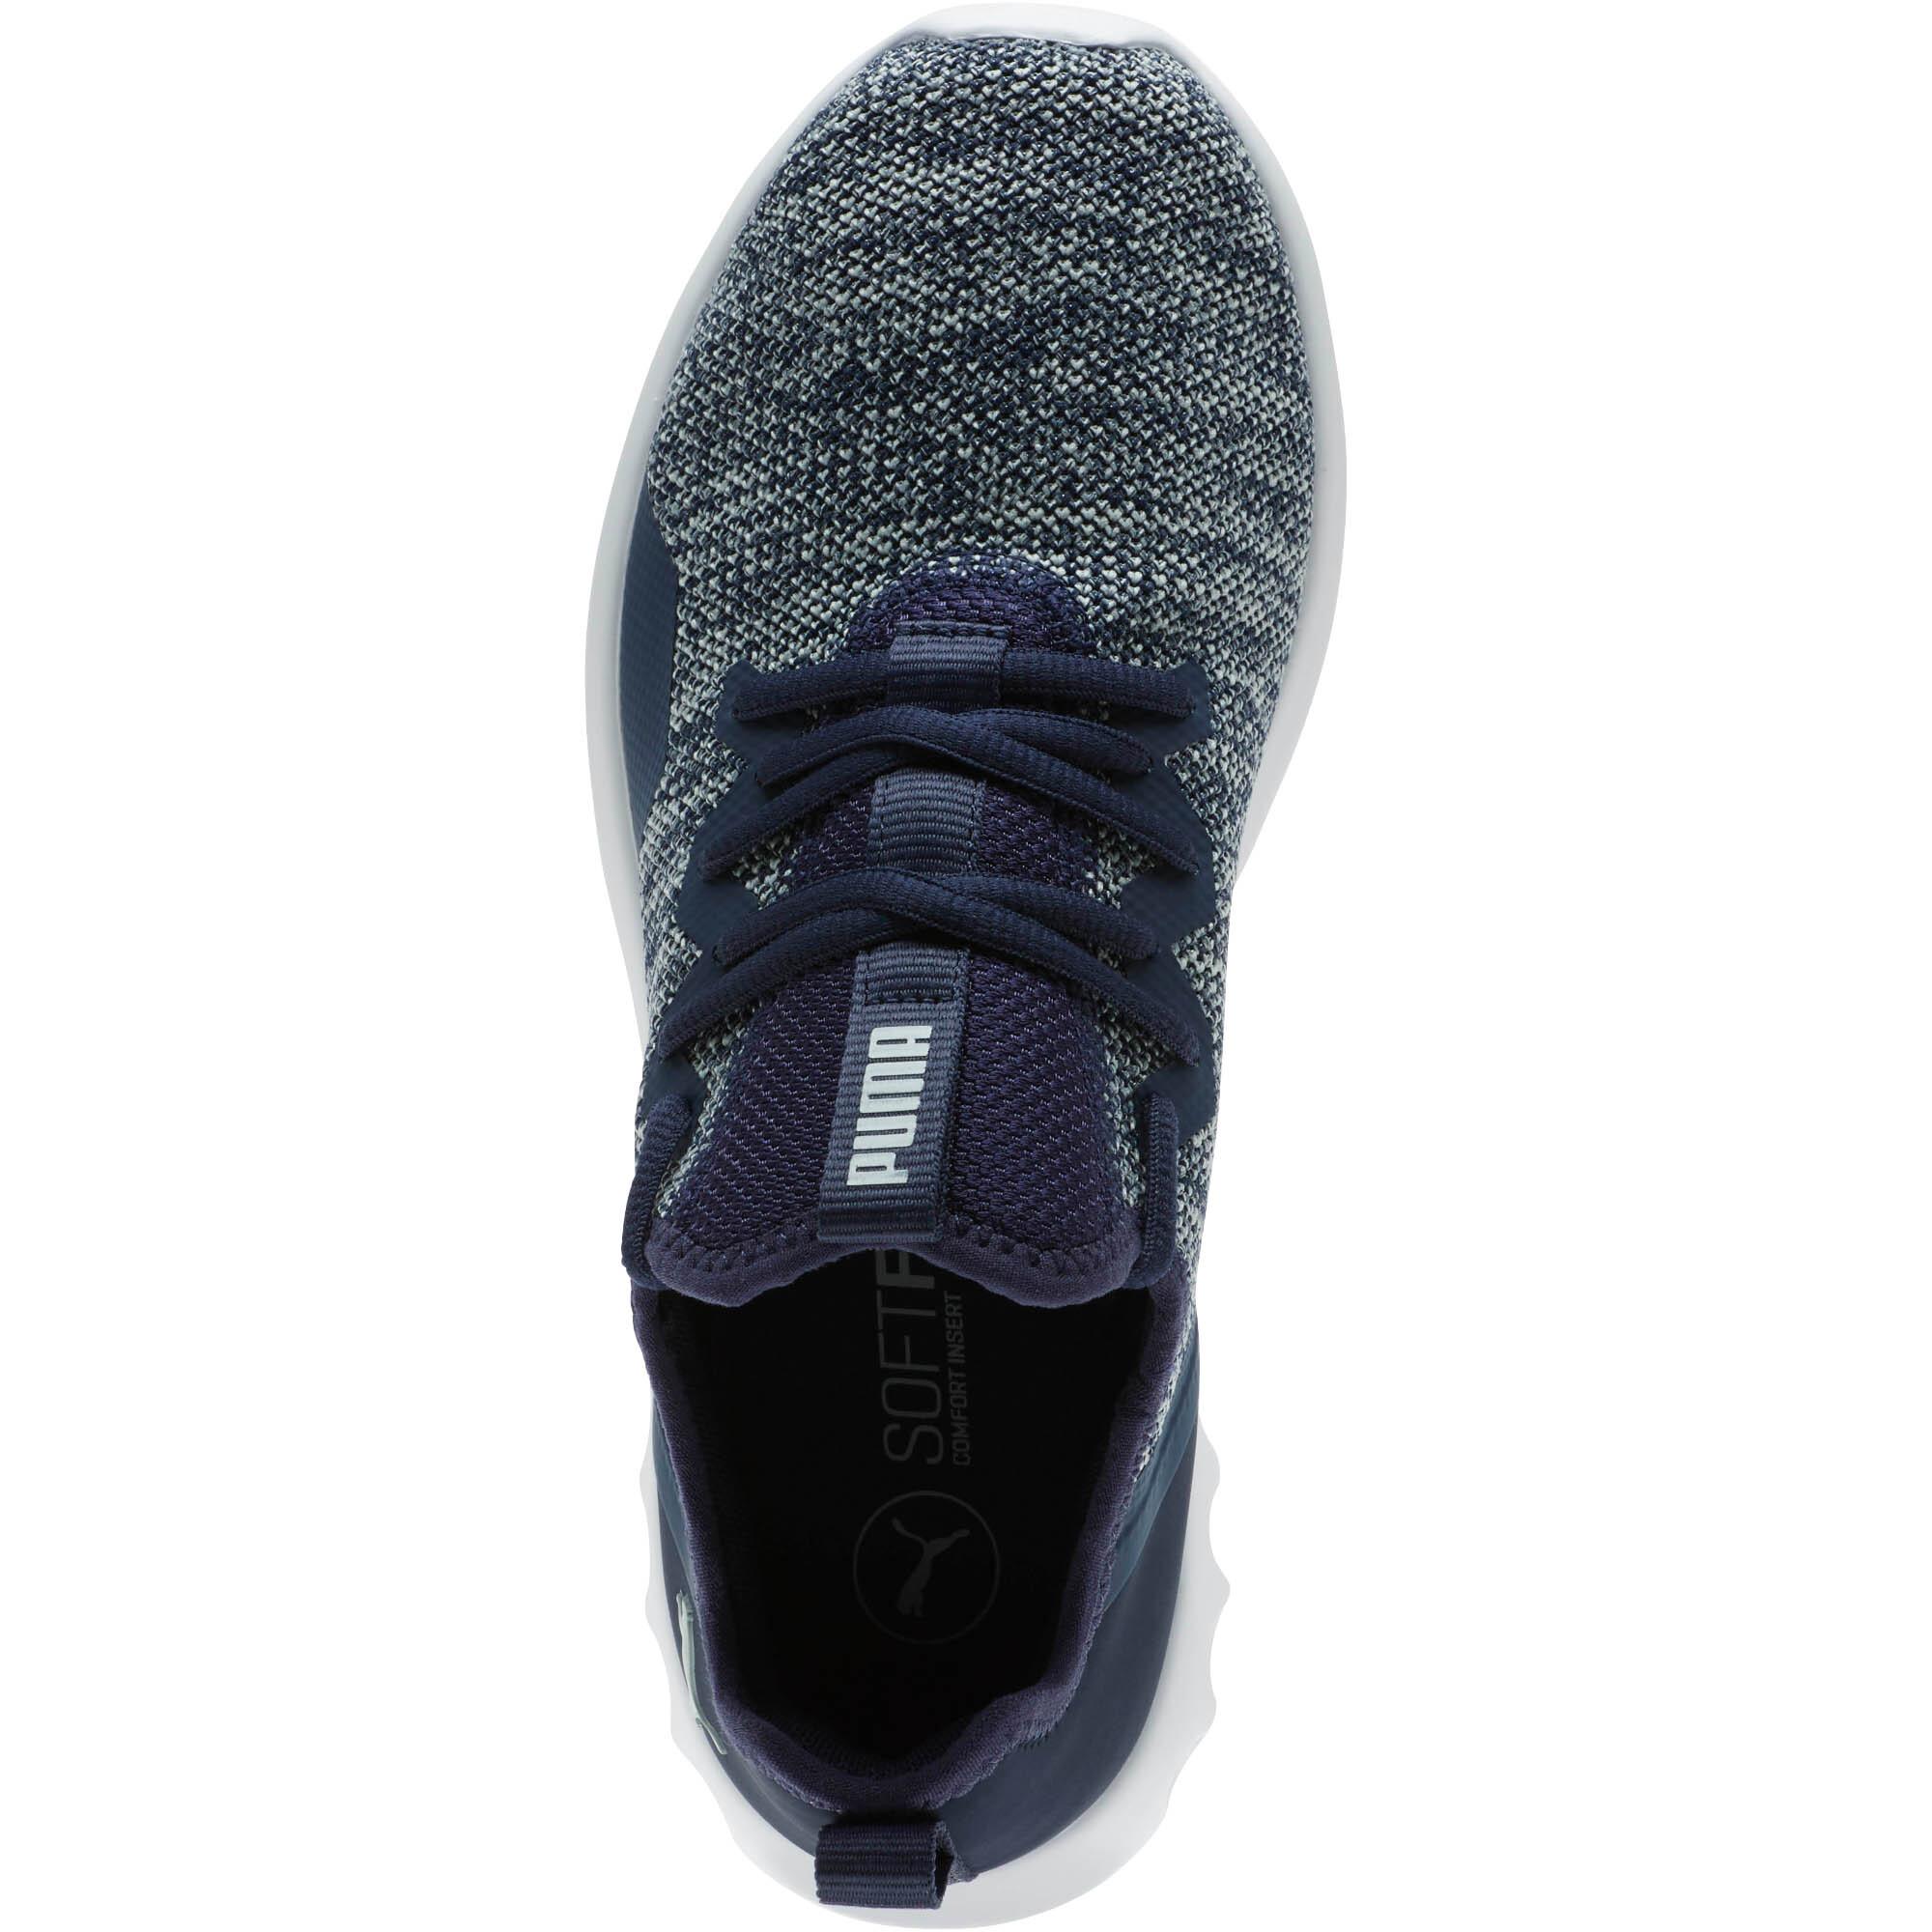 PUMA-Carson-2-X-Knit-Women-s-Running-Shoes-Women-Shoe-Running thumbnail 8